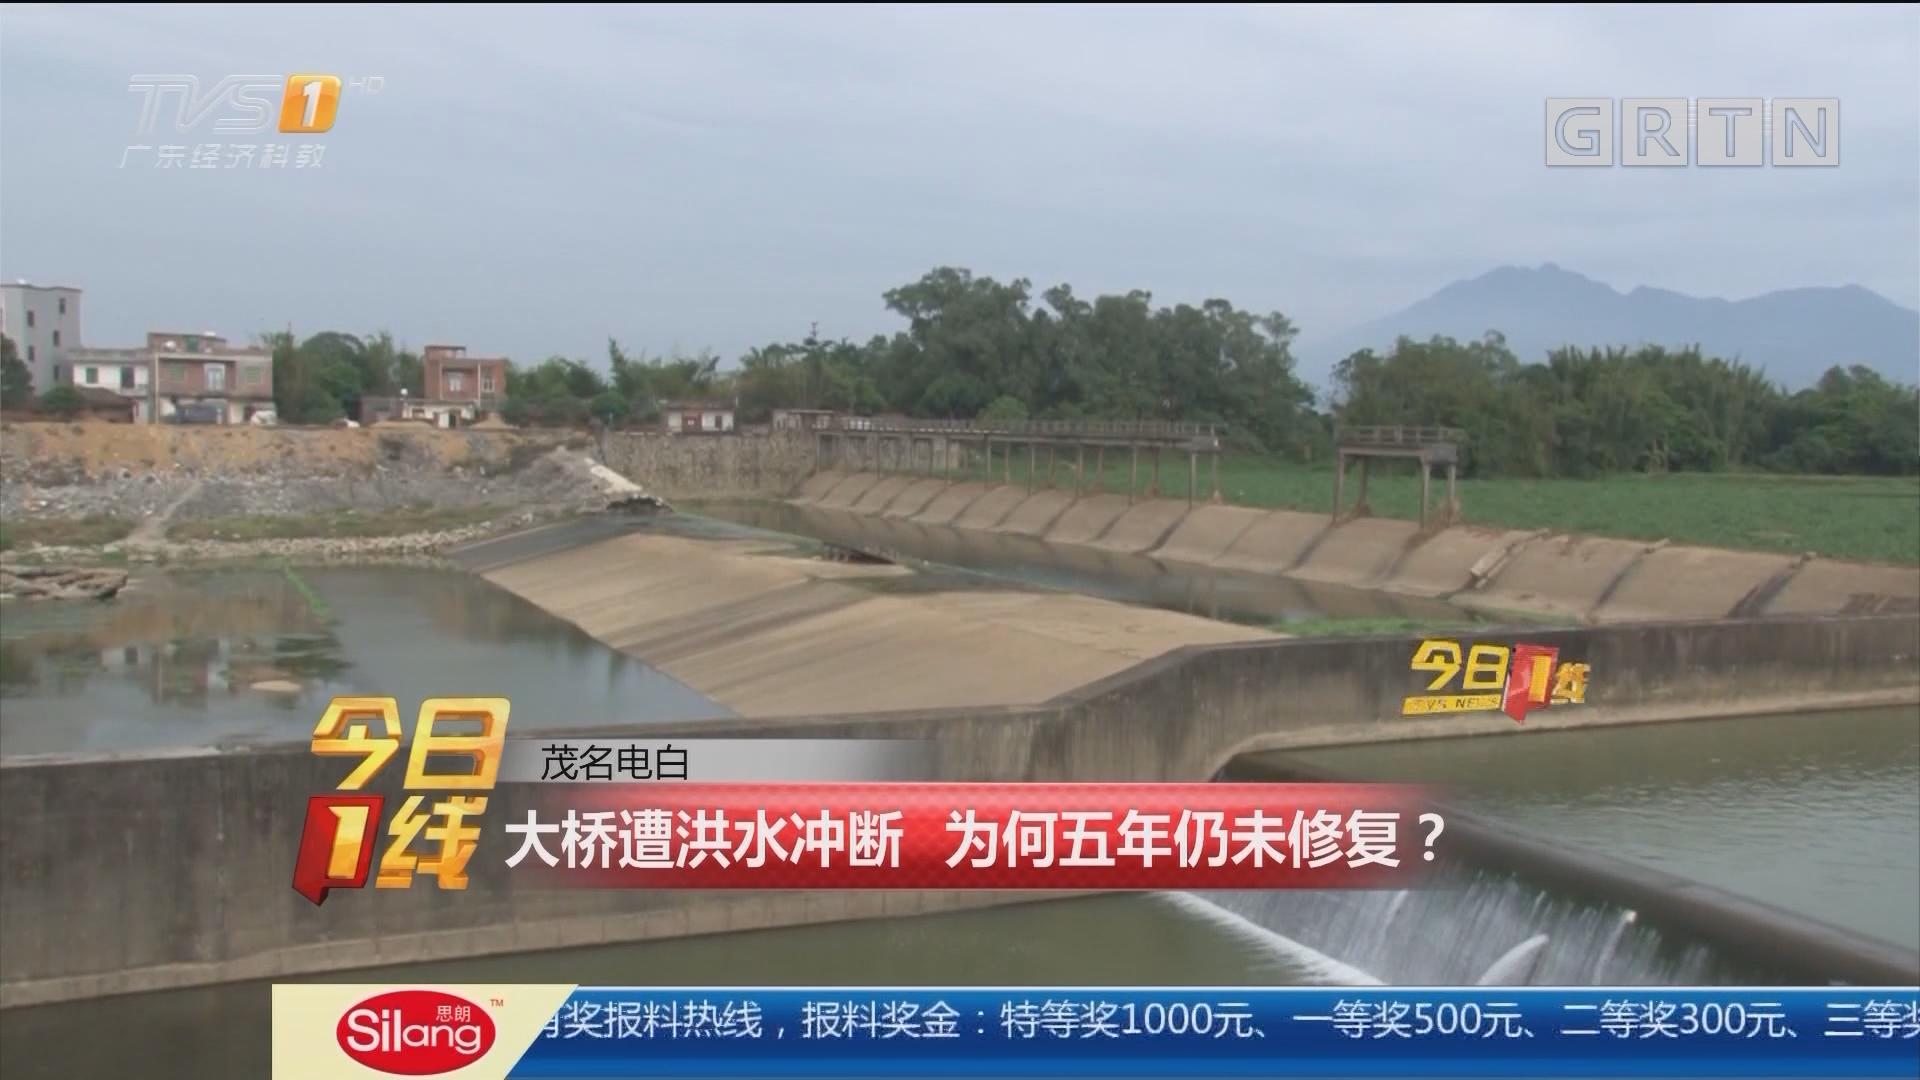 茂名电白:大桥遭洪水冲断 为何五年仍未修复?